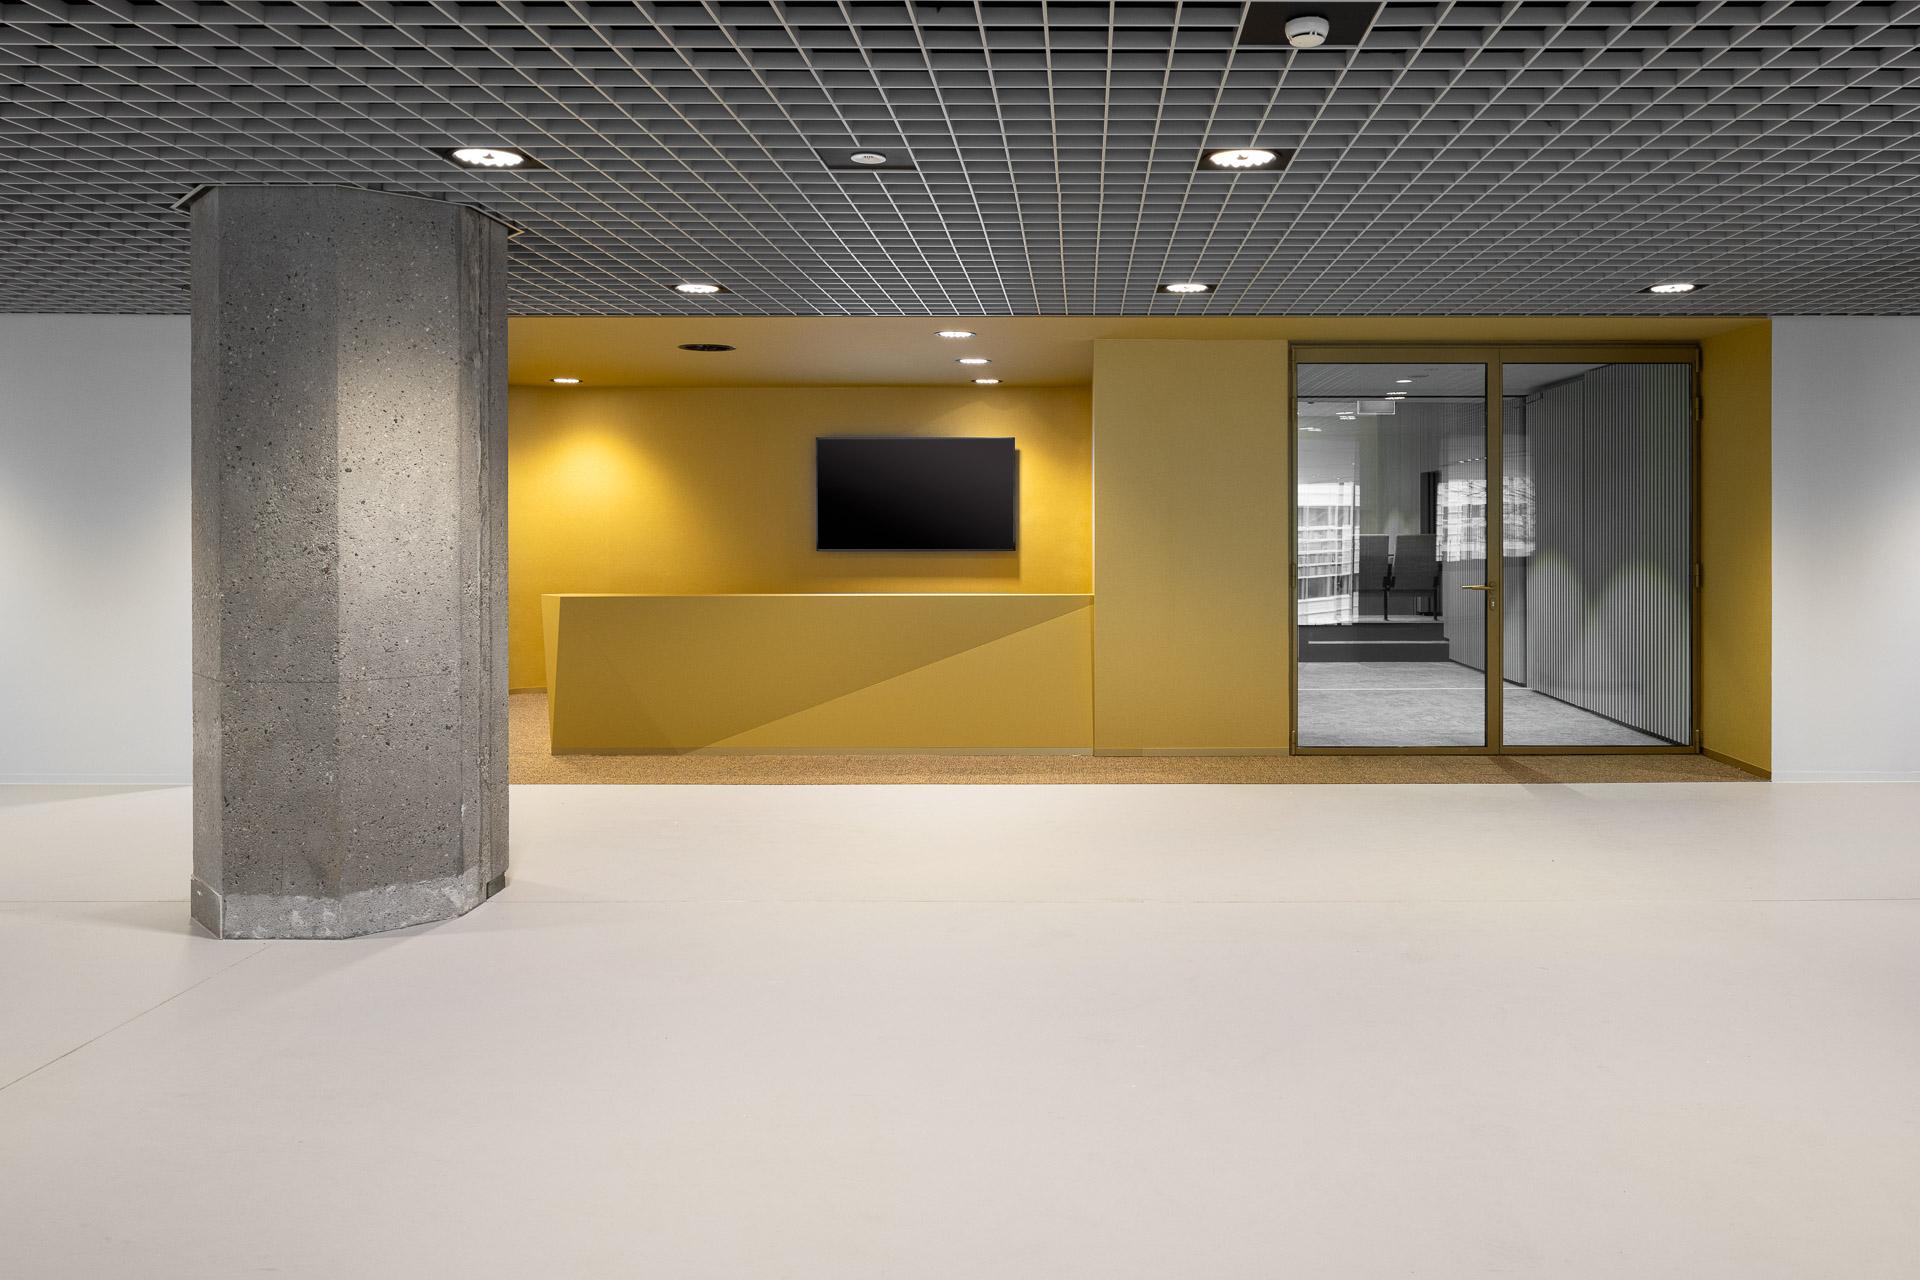 SP2021-Gebouw-Tijdelijke-Huisvesting-Tweede-Kamer-8